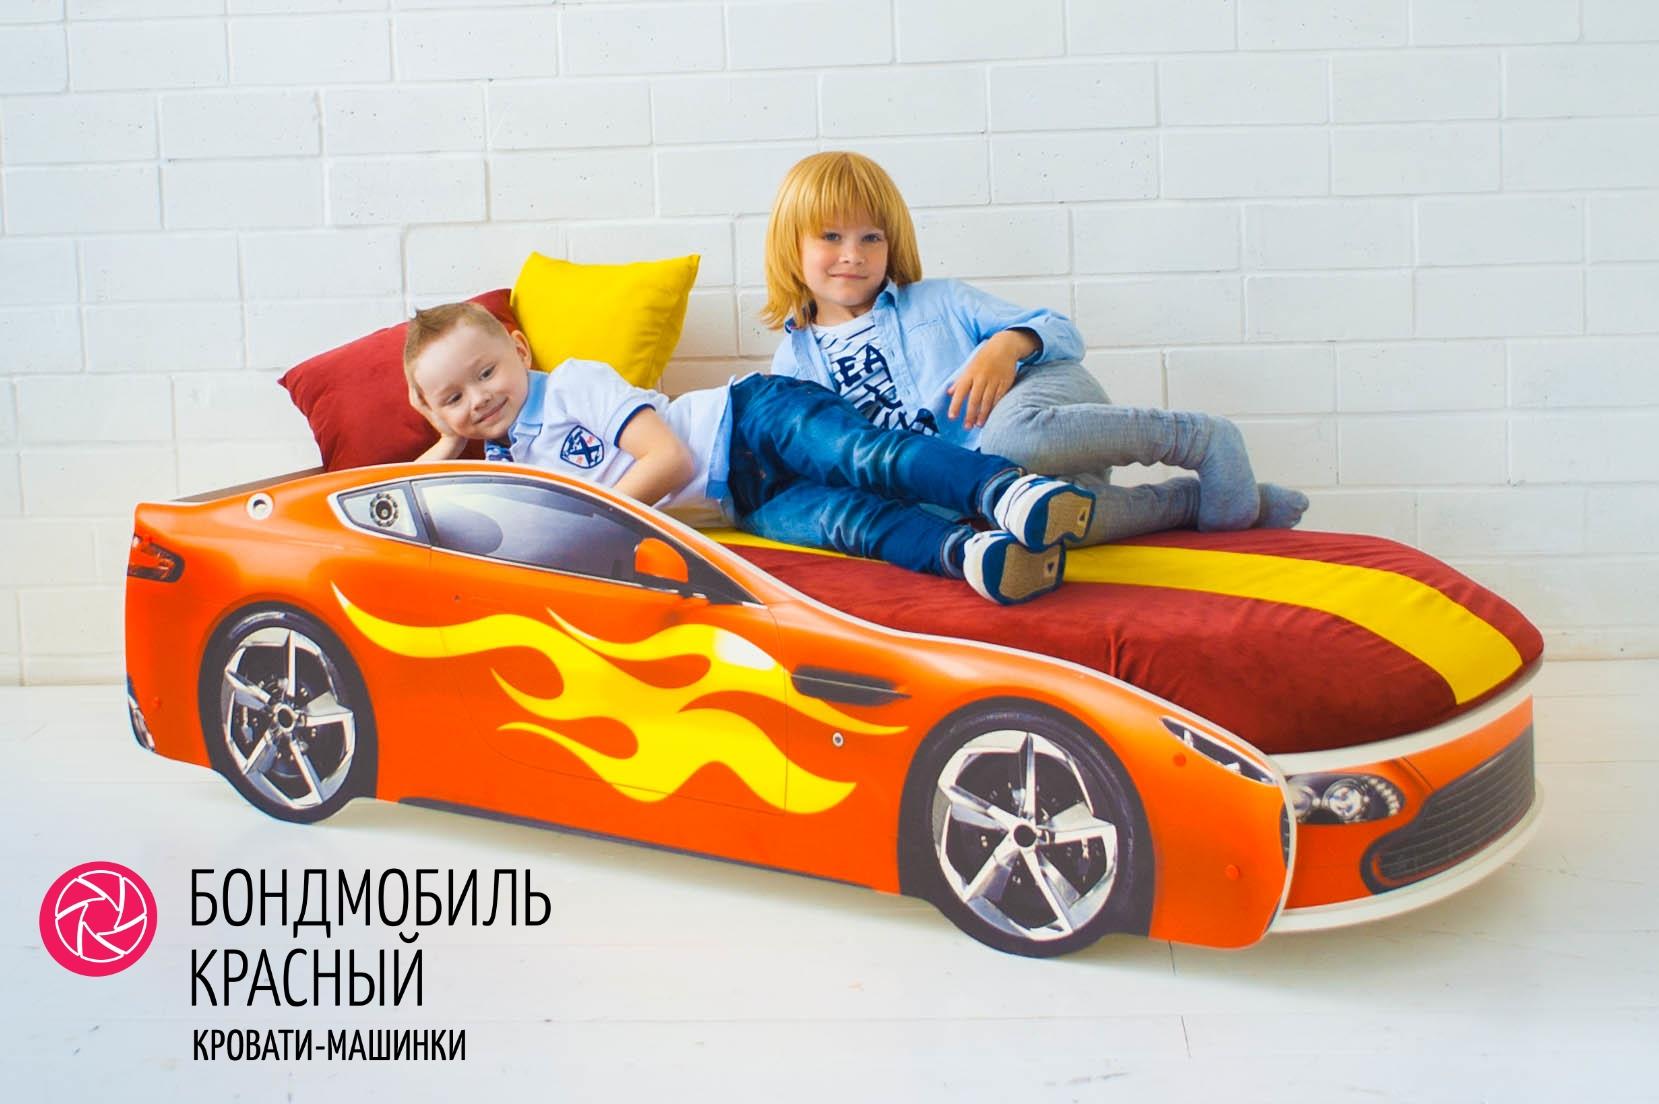 Детская кровать-машина красный -Бондмобиль-6